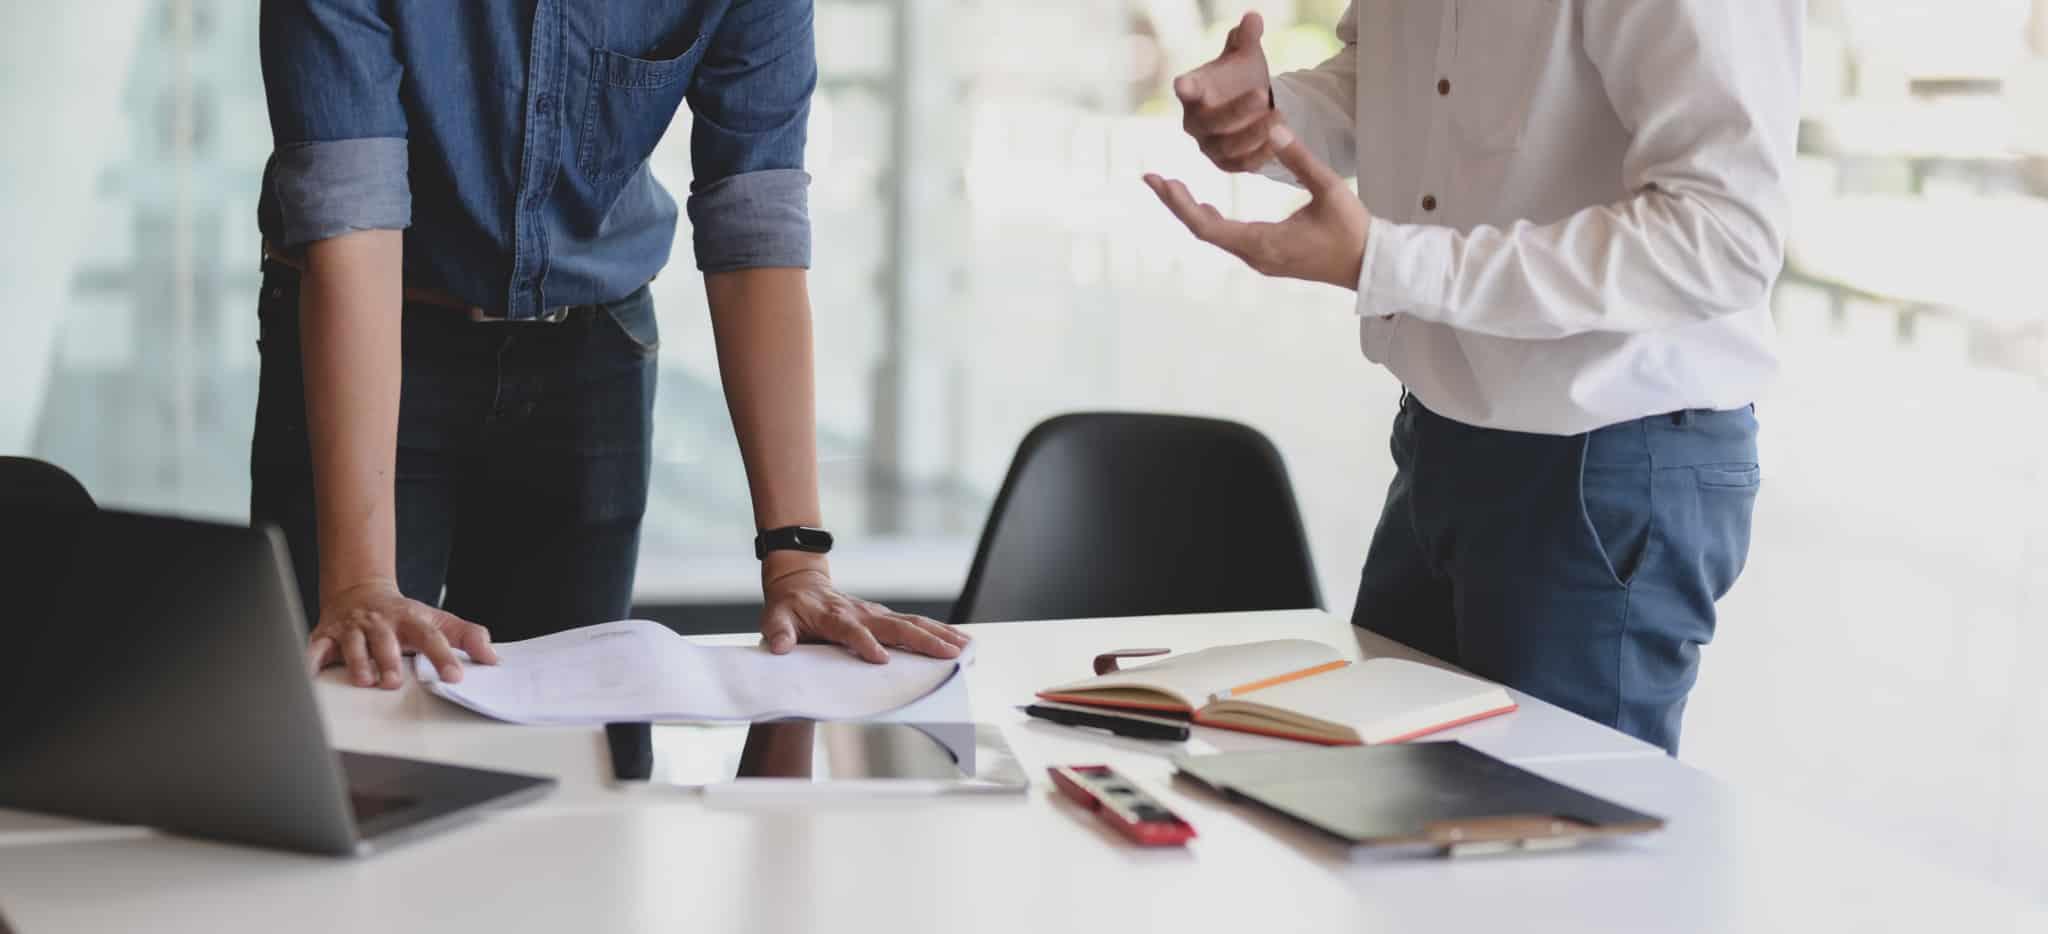 sócios-de-empresa-a-debater-ideias-numa-mesa-de-escritorio